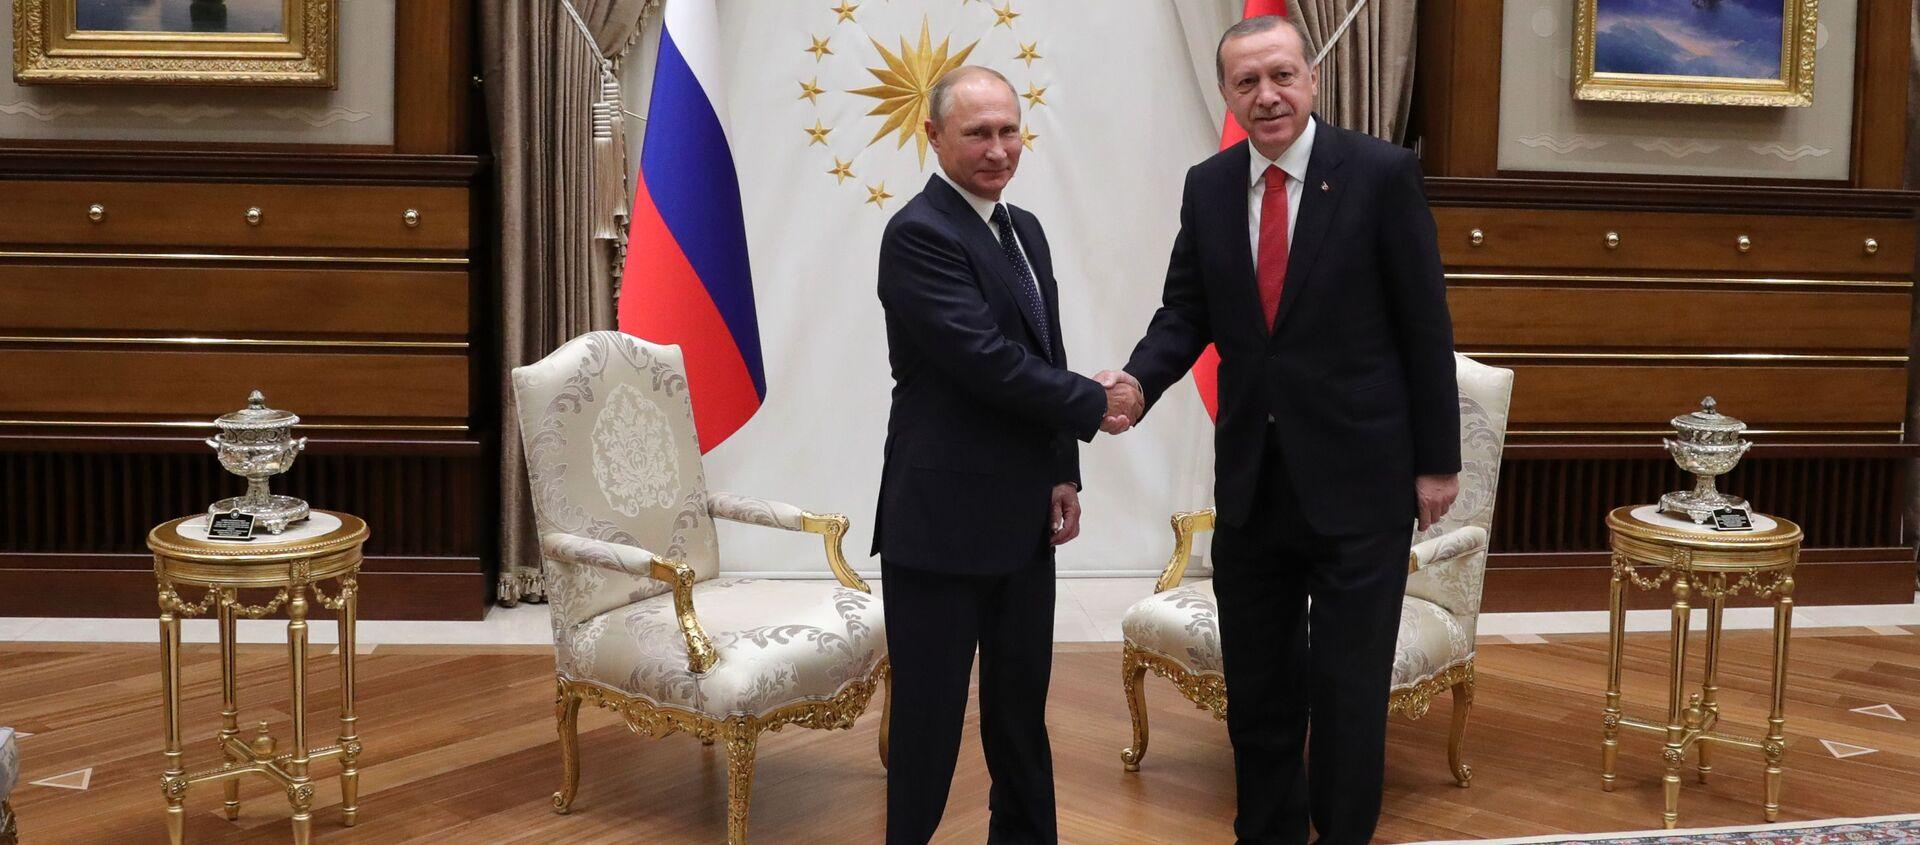 Prezydent Rosji Władimir Putin i prezydent Turcji Recep Tayyip Erdogan podczas spotkania w Ankarze - Sputnik Polska, 1920, 03.04.2018